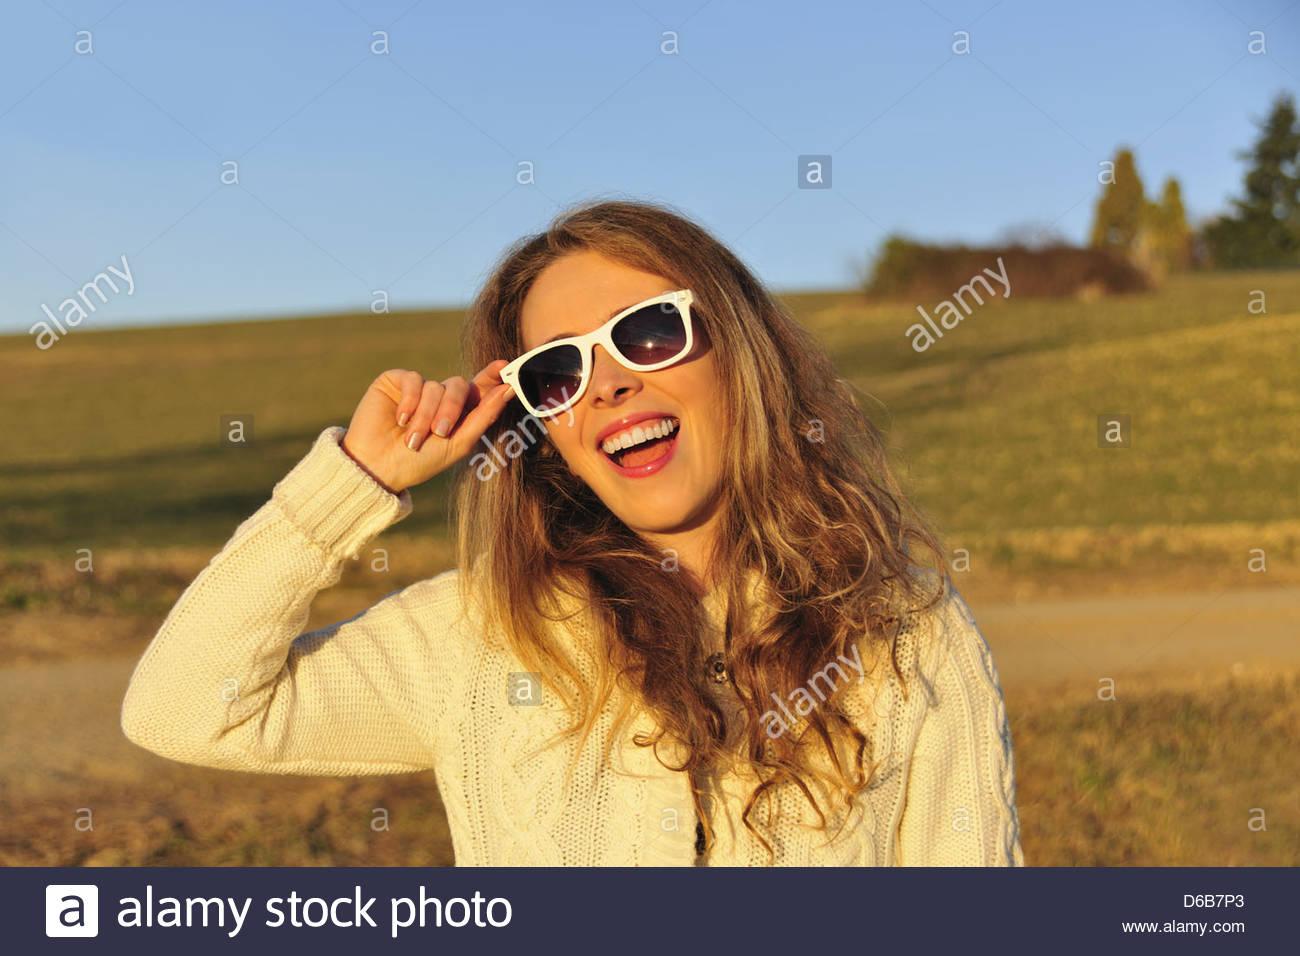 Mujer con gafas de sol en ámbito rural Imagen De Stock